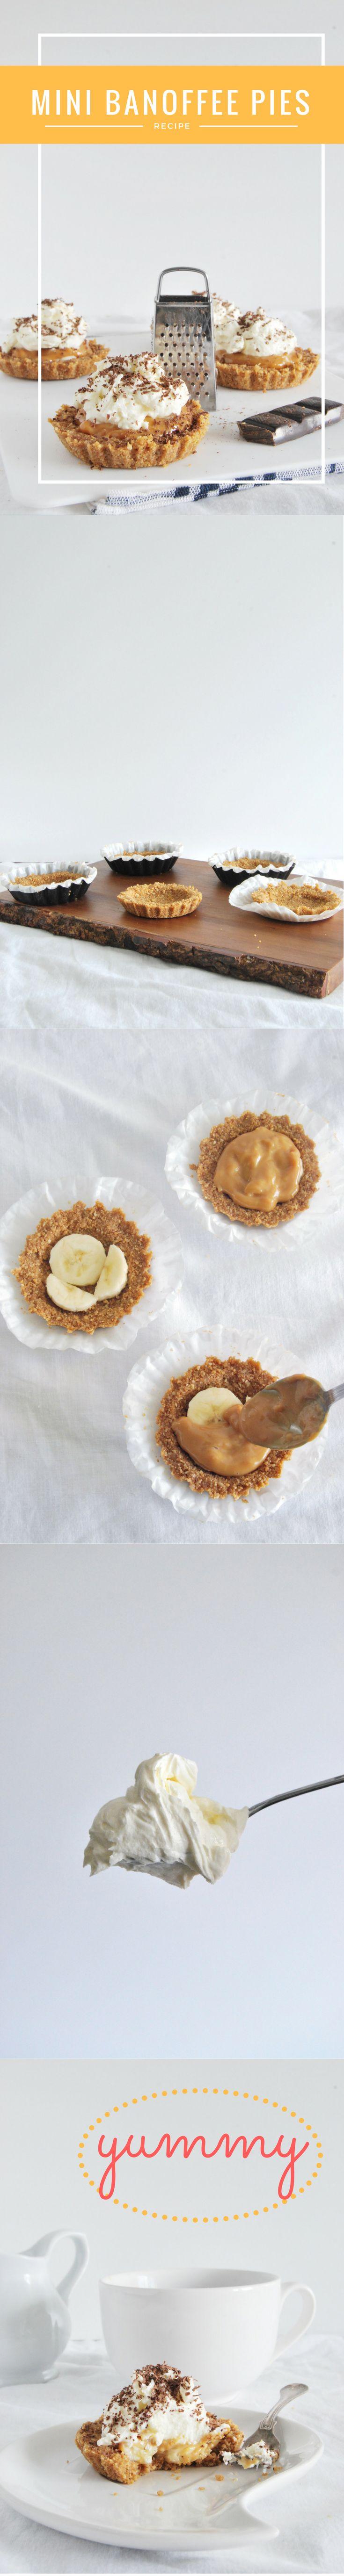 Mini Banoffee Pies Piecrust, banana, caramel, cream. (Mini kruche babeczki z bananem, karmelem i kremem)